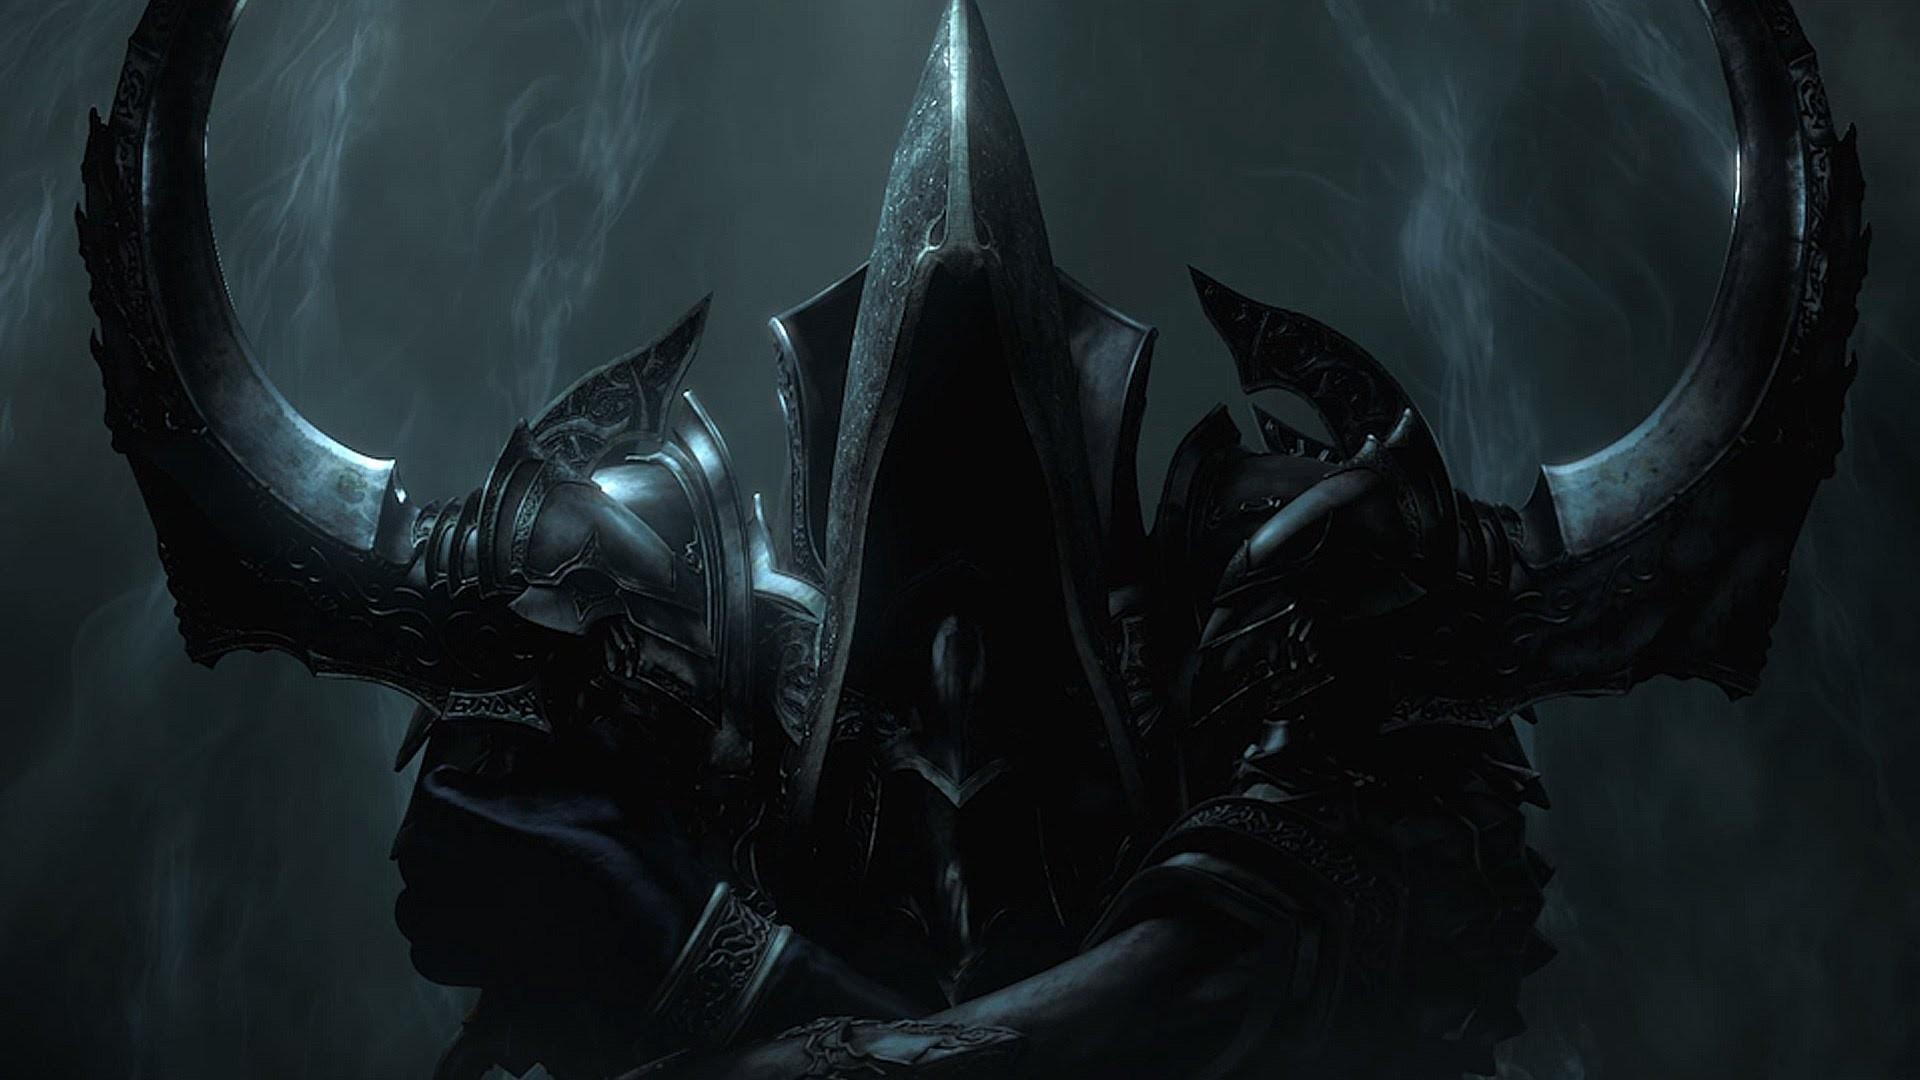 Diablo III 3 Reaper Of Souls 1920x1080 Px